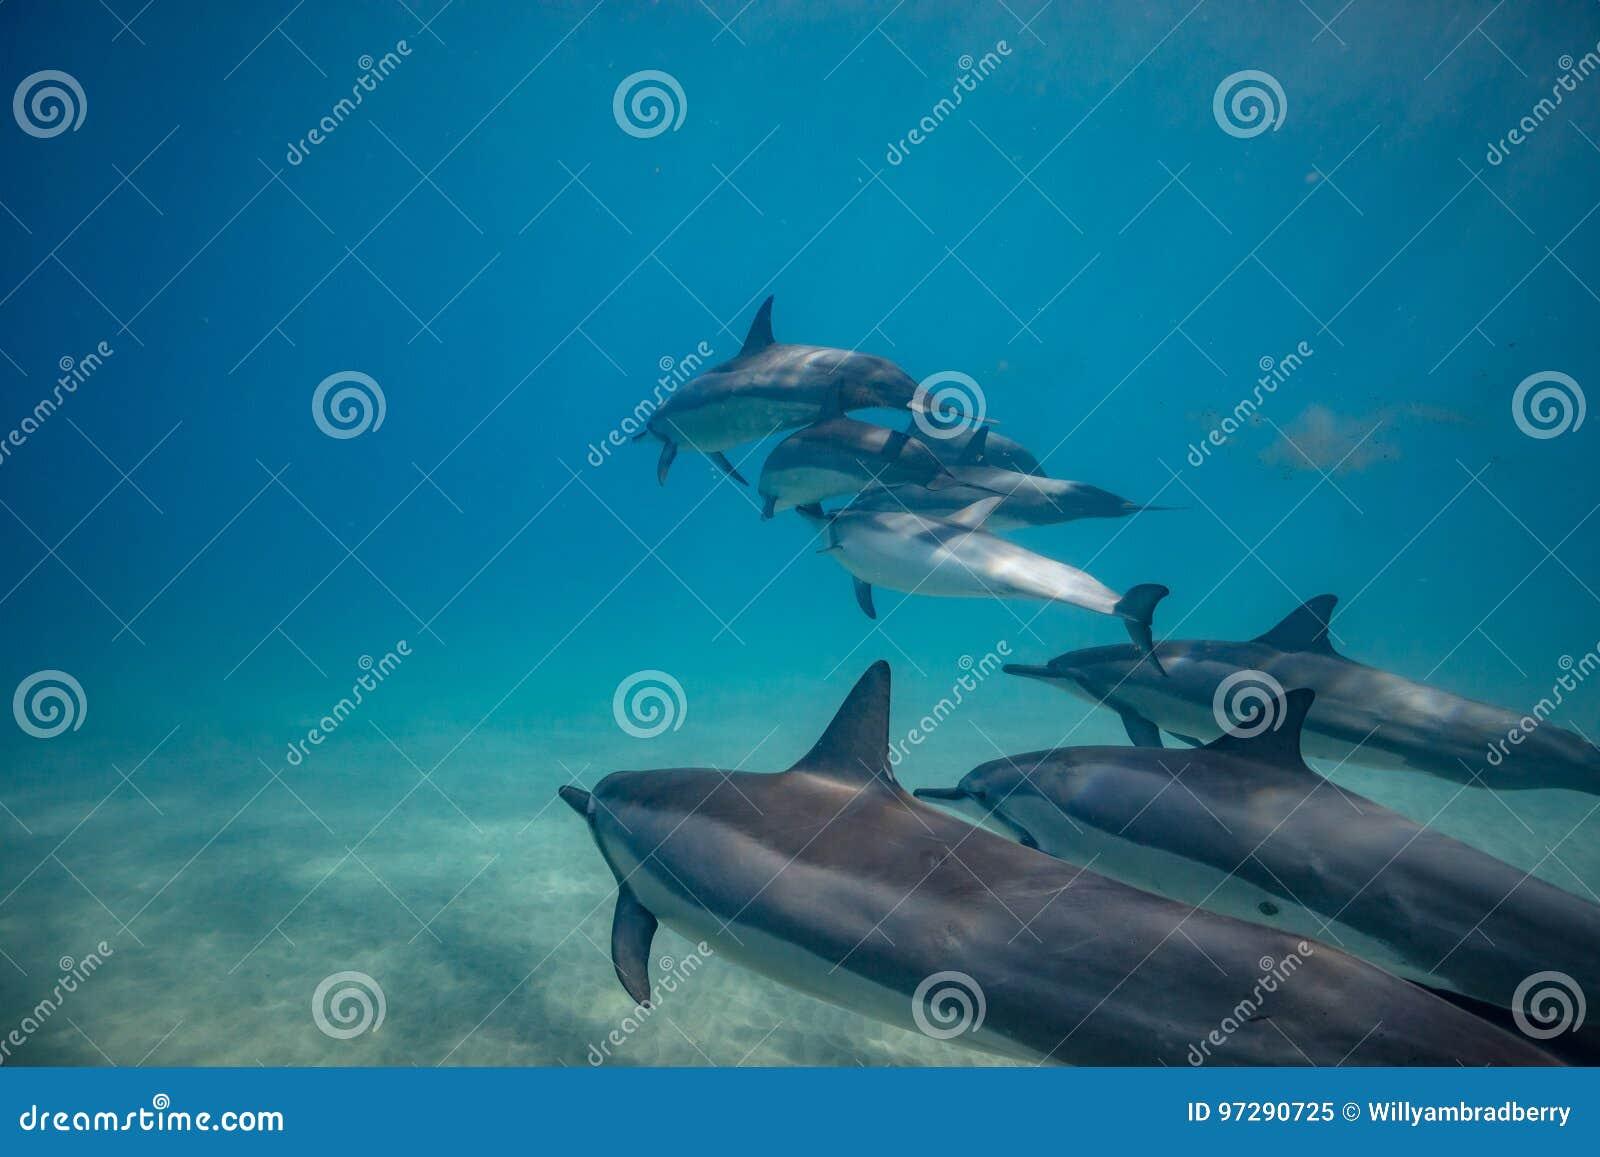 Delfínes salvajes subacuáticos en el océano azul profundo